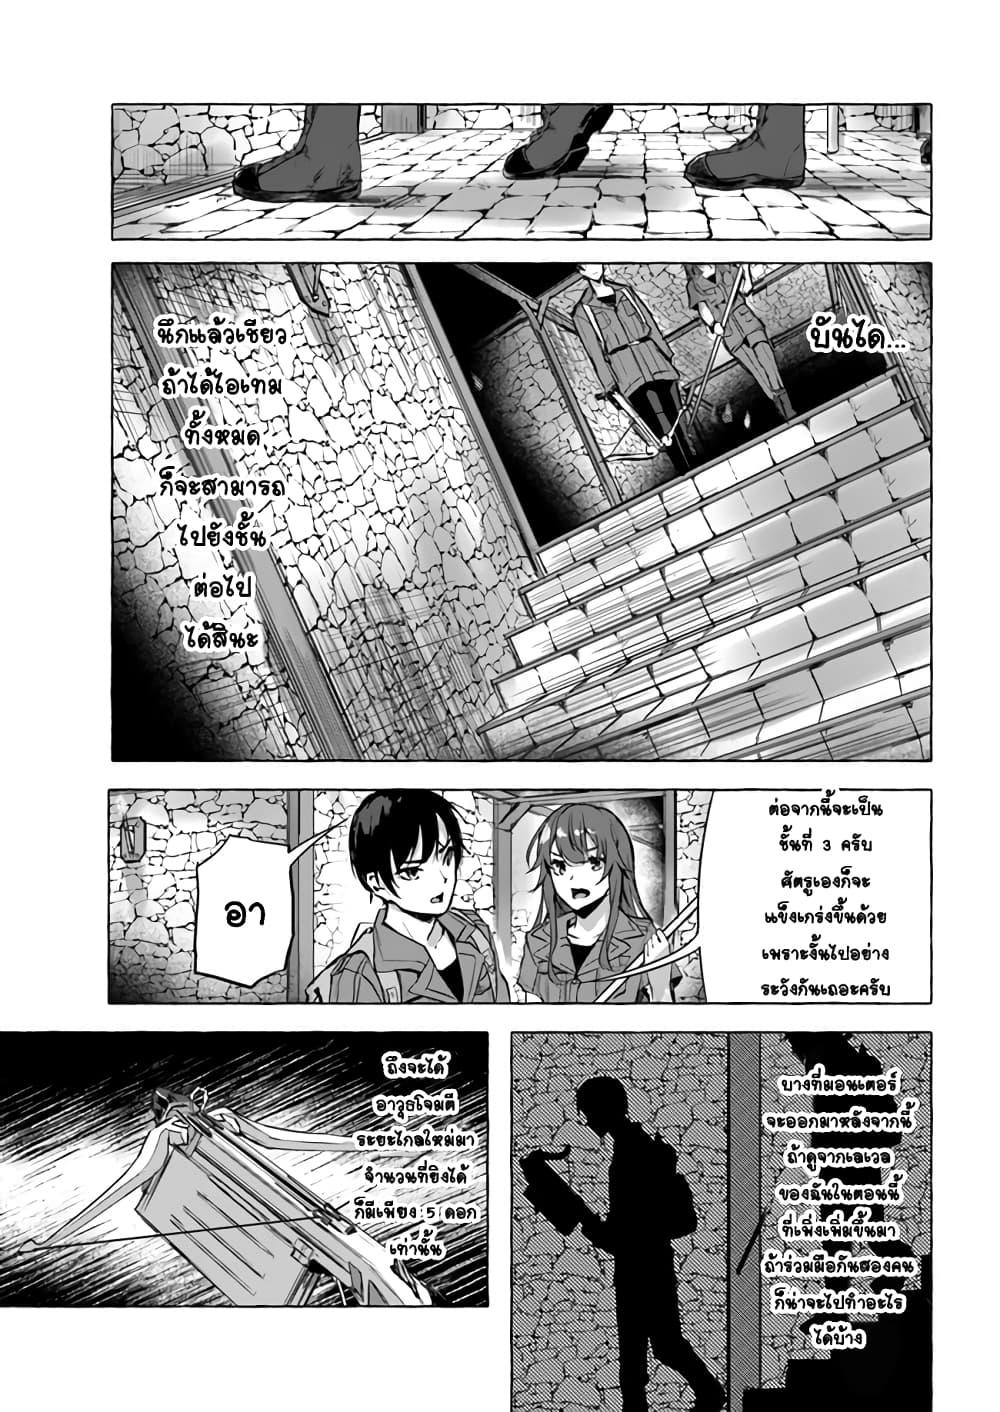 อ่านการ์ตูน Sex and Dungeon! ตอนที่ 8 หน้าที่ 7